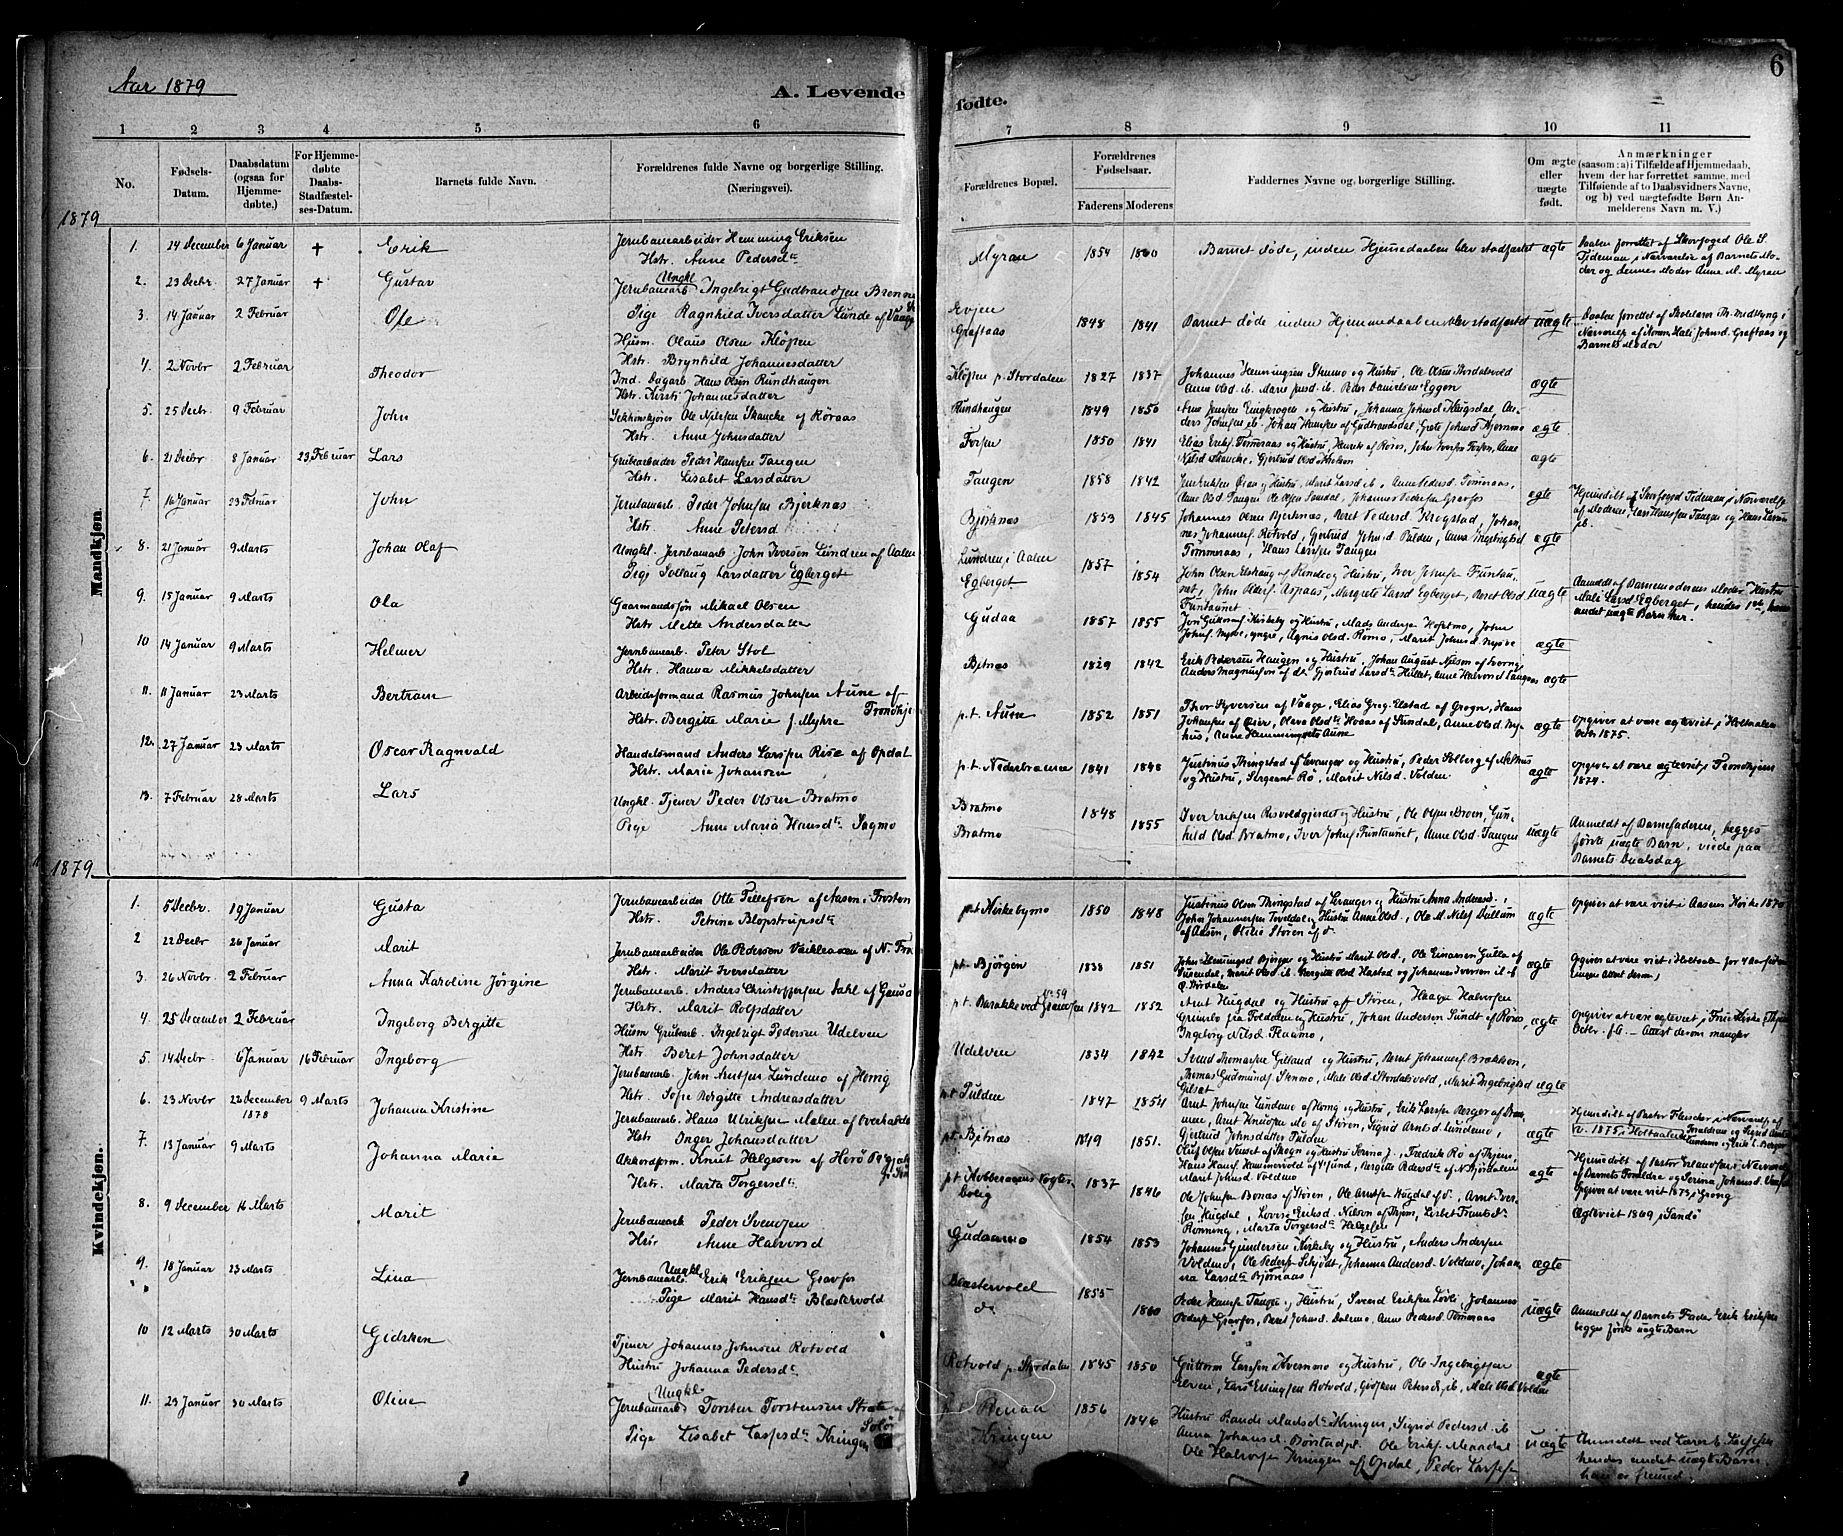 SAT, Ministerialprotokoller, klokkerbøker og fødselsregistre - Nord-Trøndelag, 706/L0047: Ministerialbok nr. 706A03, 1878-1892, s. 6